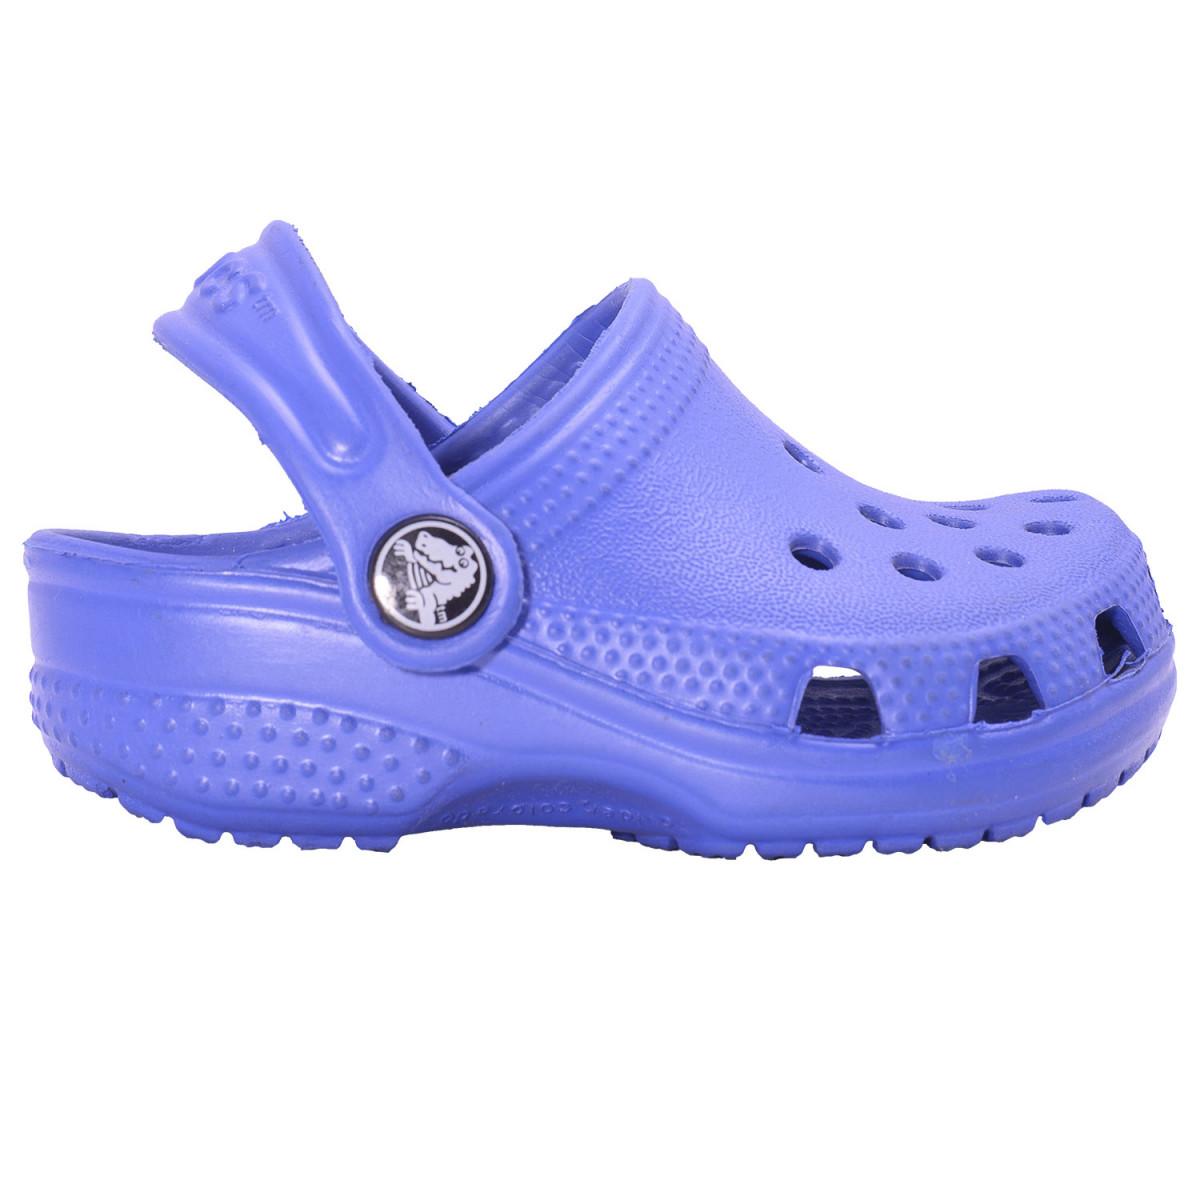 Zuecos Crocs Classic Kids Littles